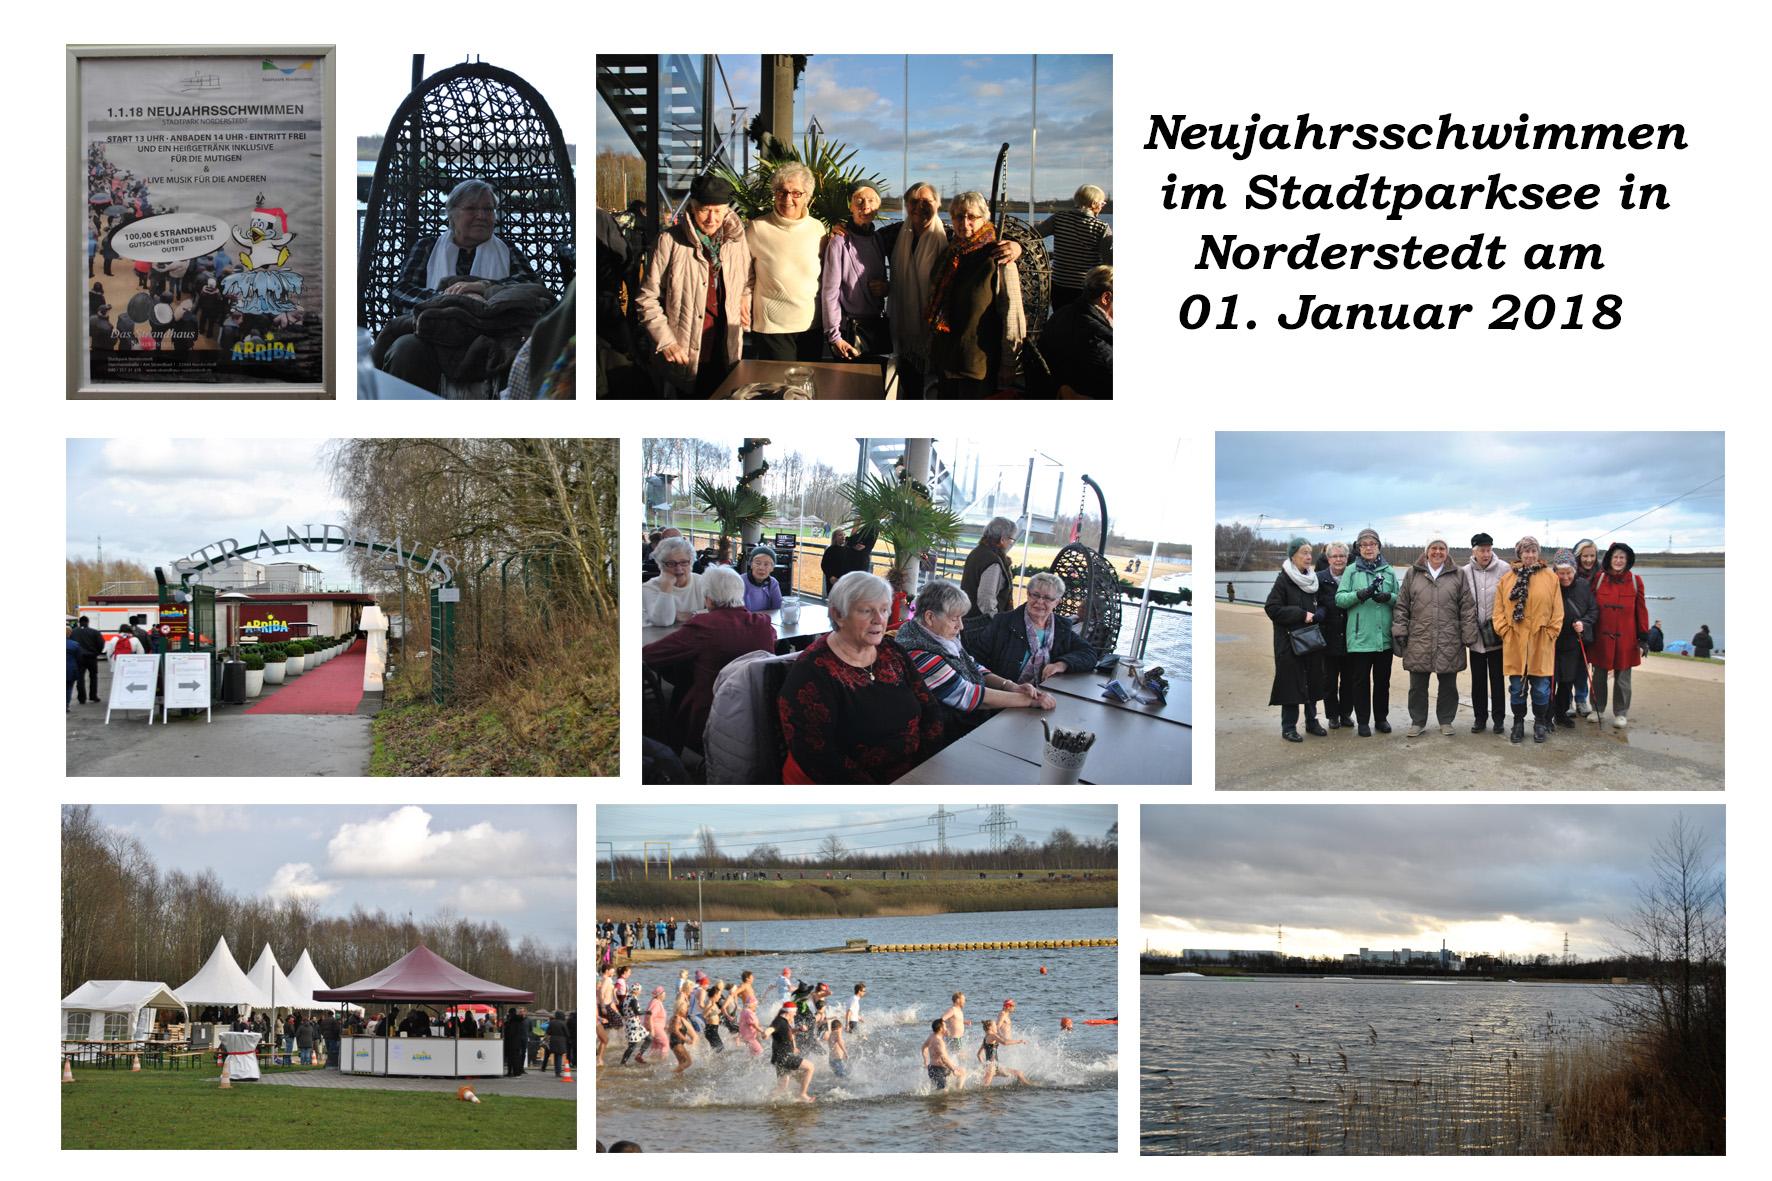 NeNo/Glashütte 2: Neujahrsschwimmen im Stadtpark Norderstedt, 01.01.2018 (Fotos: Tom)